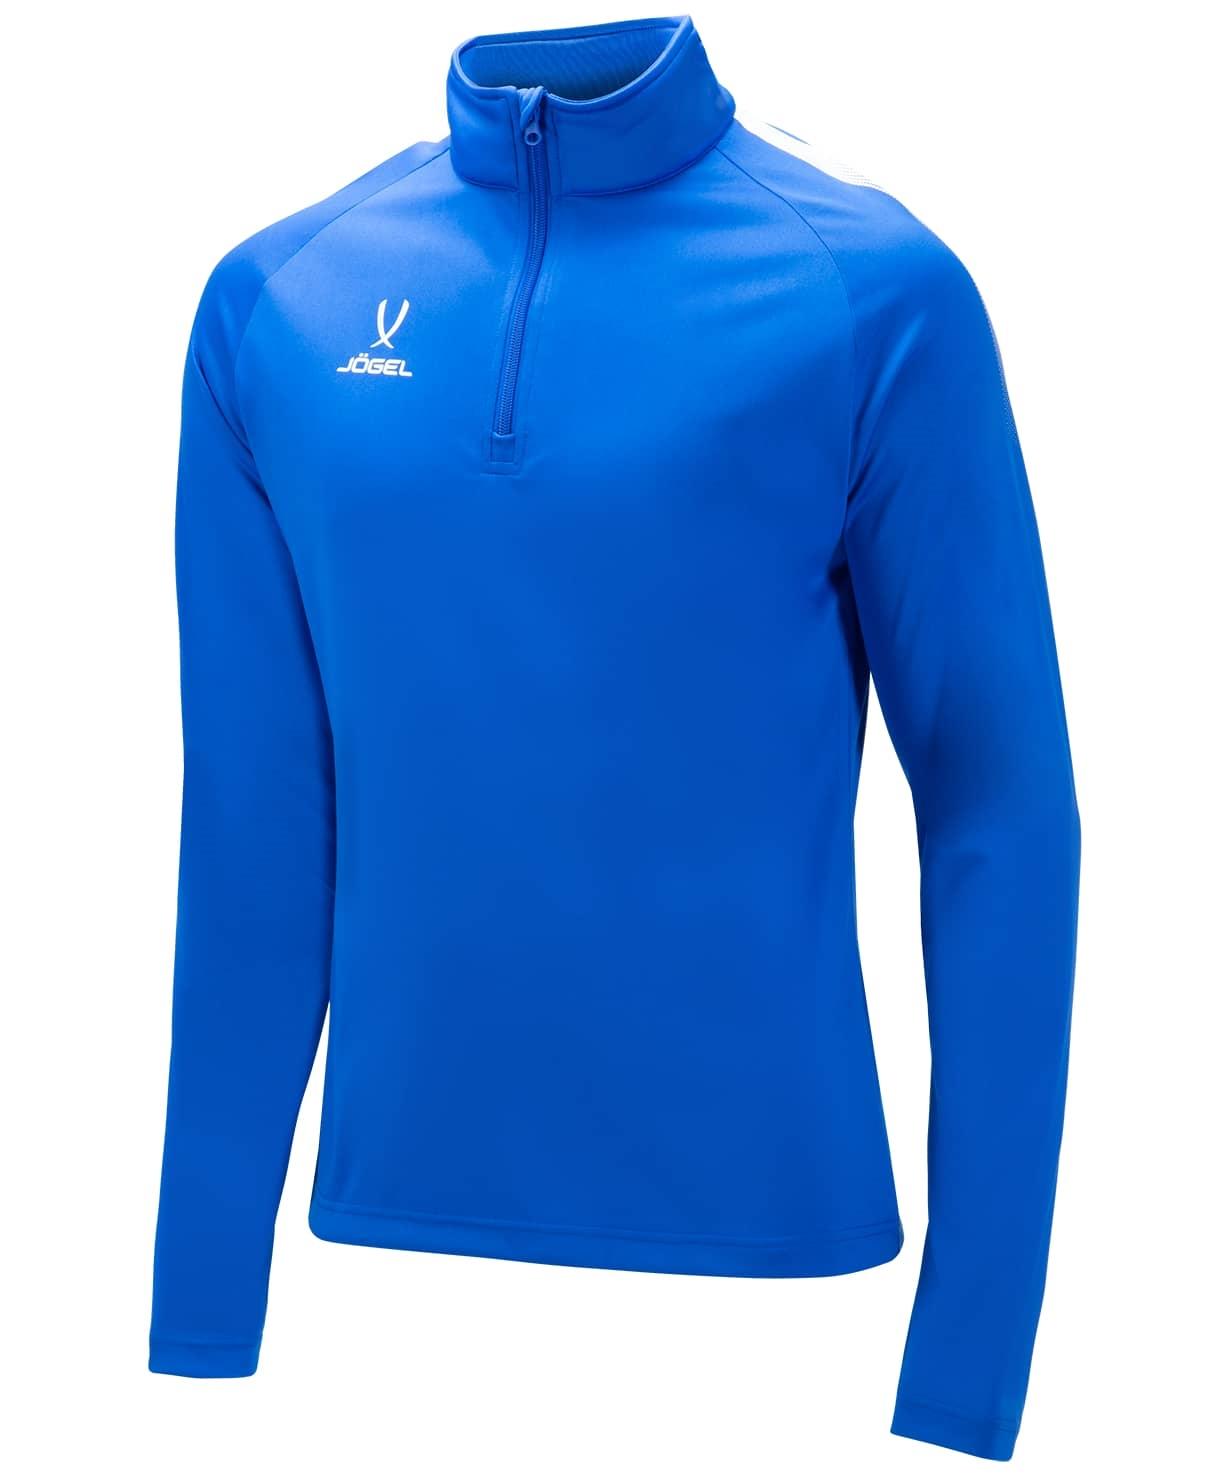 Джемпер тренировочный детский CAMP Training Top 1/4 Zip, темно-синий